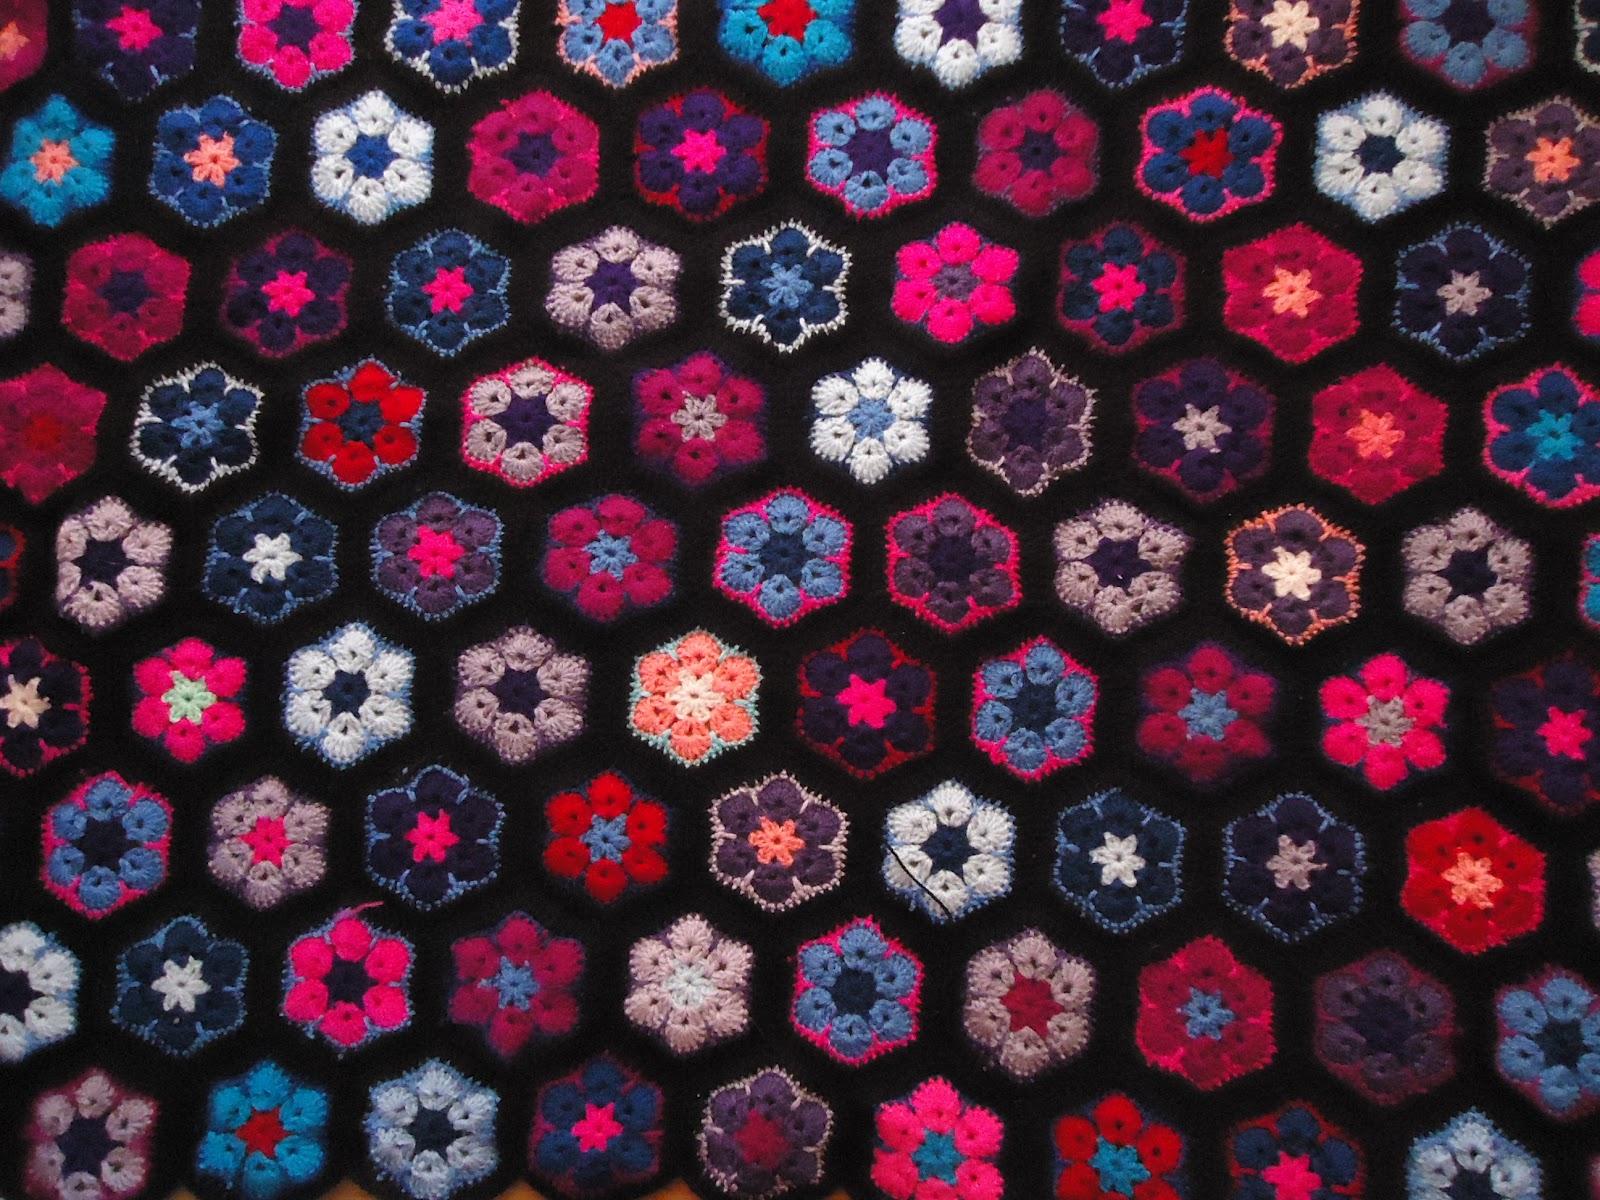 Easy African Flower Crochet Pattern : Kriekies crochet: African flower crochet afghan